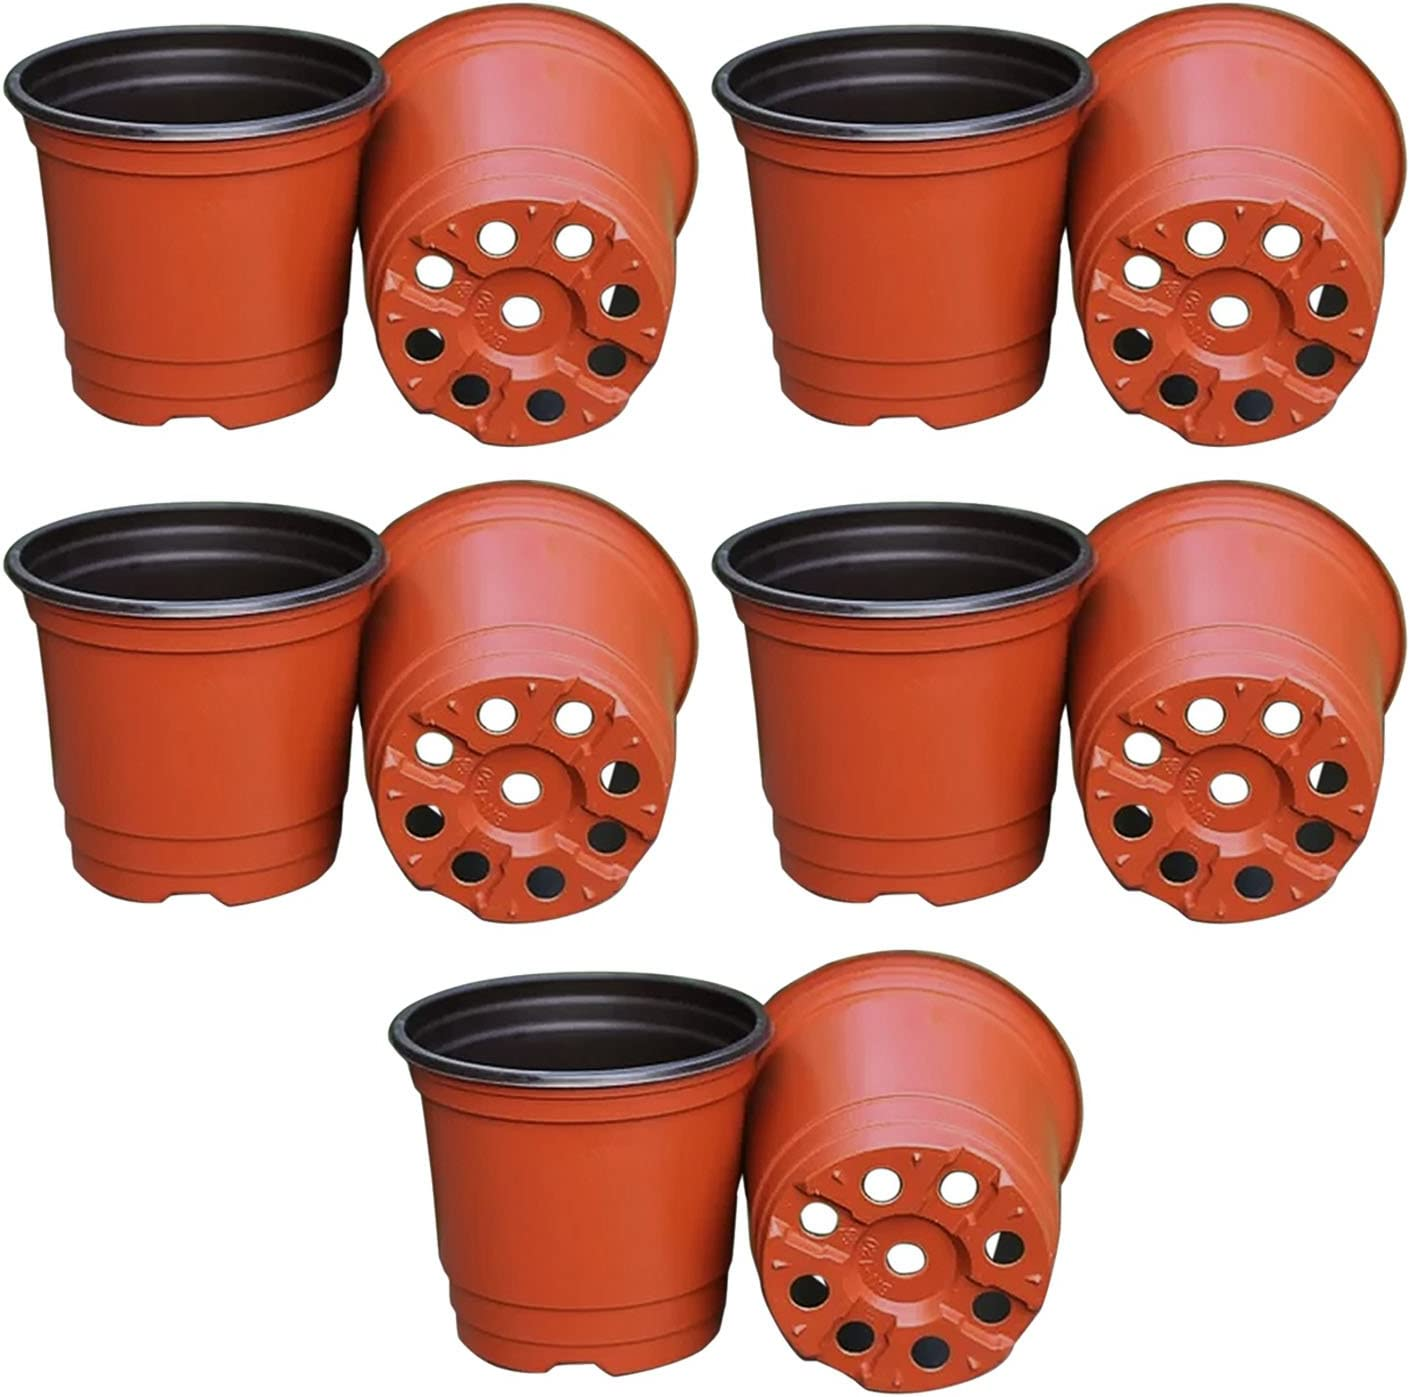 Gosear 10 Piezas Jardín Flor Maceta Vivero/Flor de Macetero Planta Pote de Plástico Doble Color, 90 x 80 x 70 mm